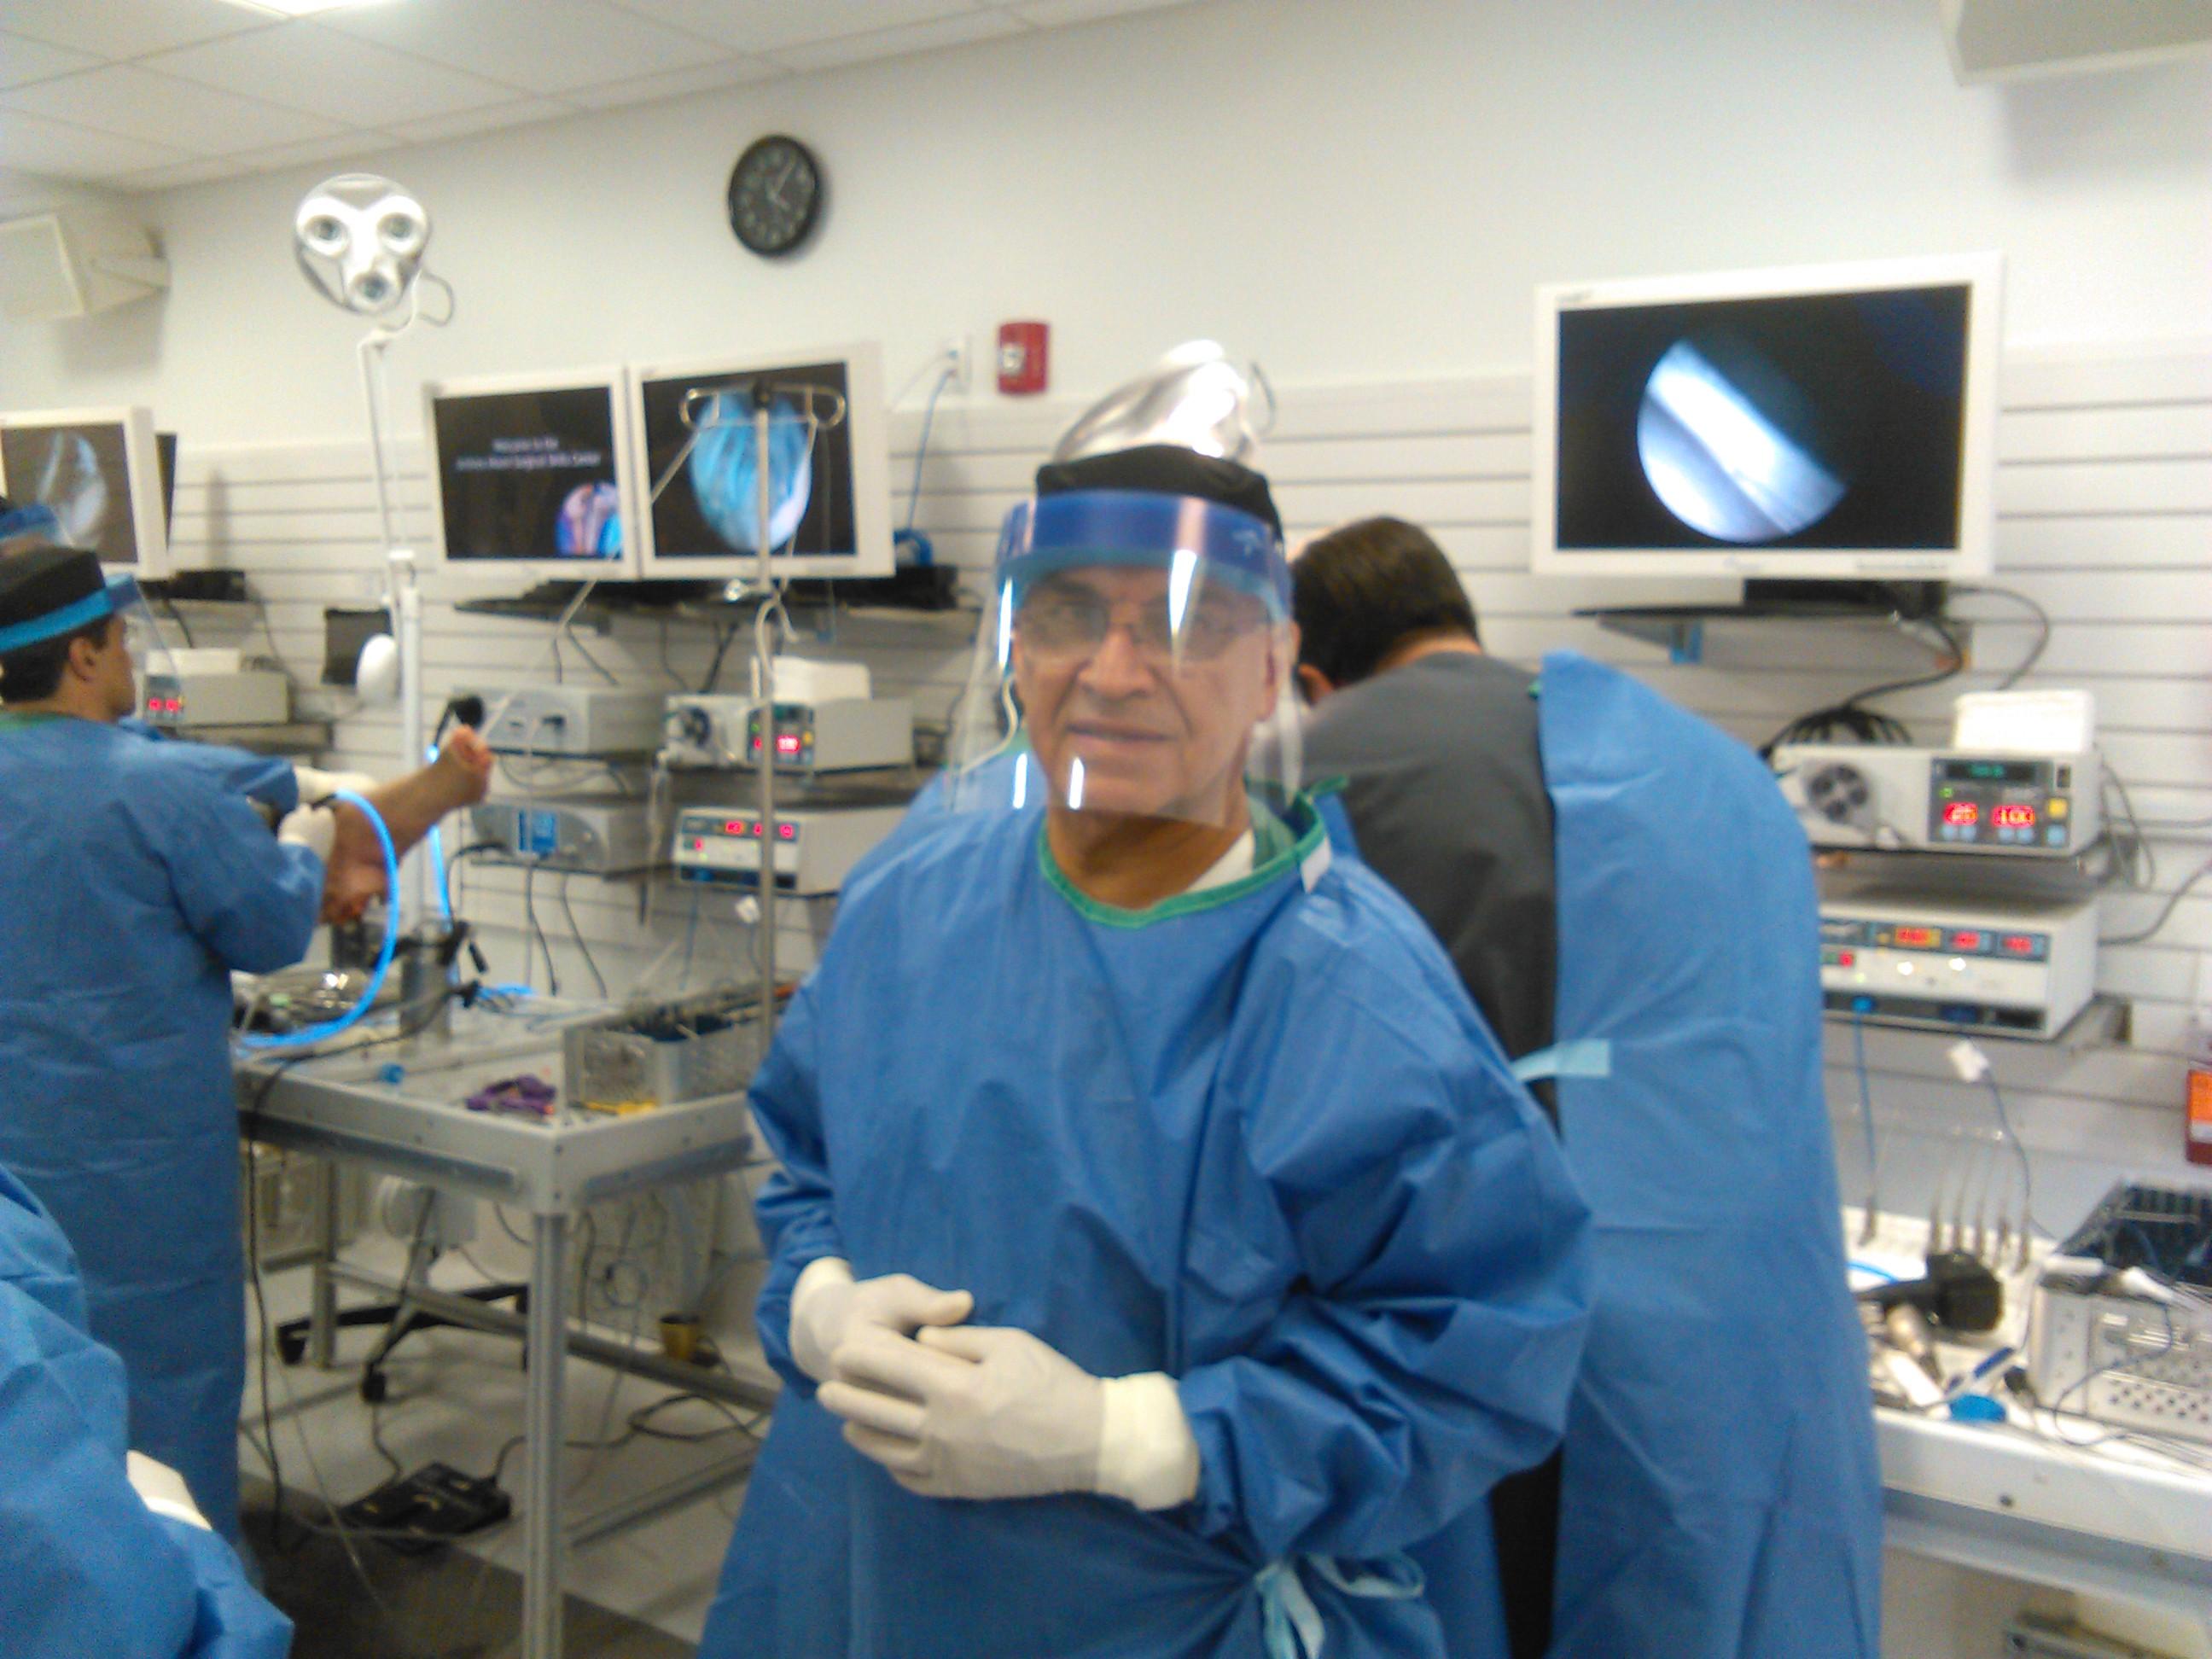 No hay diferencia funcional entre tres y seis semanas de inmovilización después de la reparación artroscópica del manguito rotador: un ensayo prospectivo aleatorizado de no inferioridad controlada.